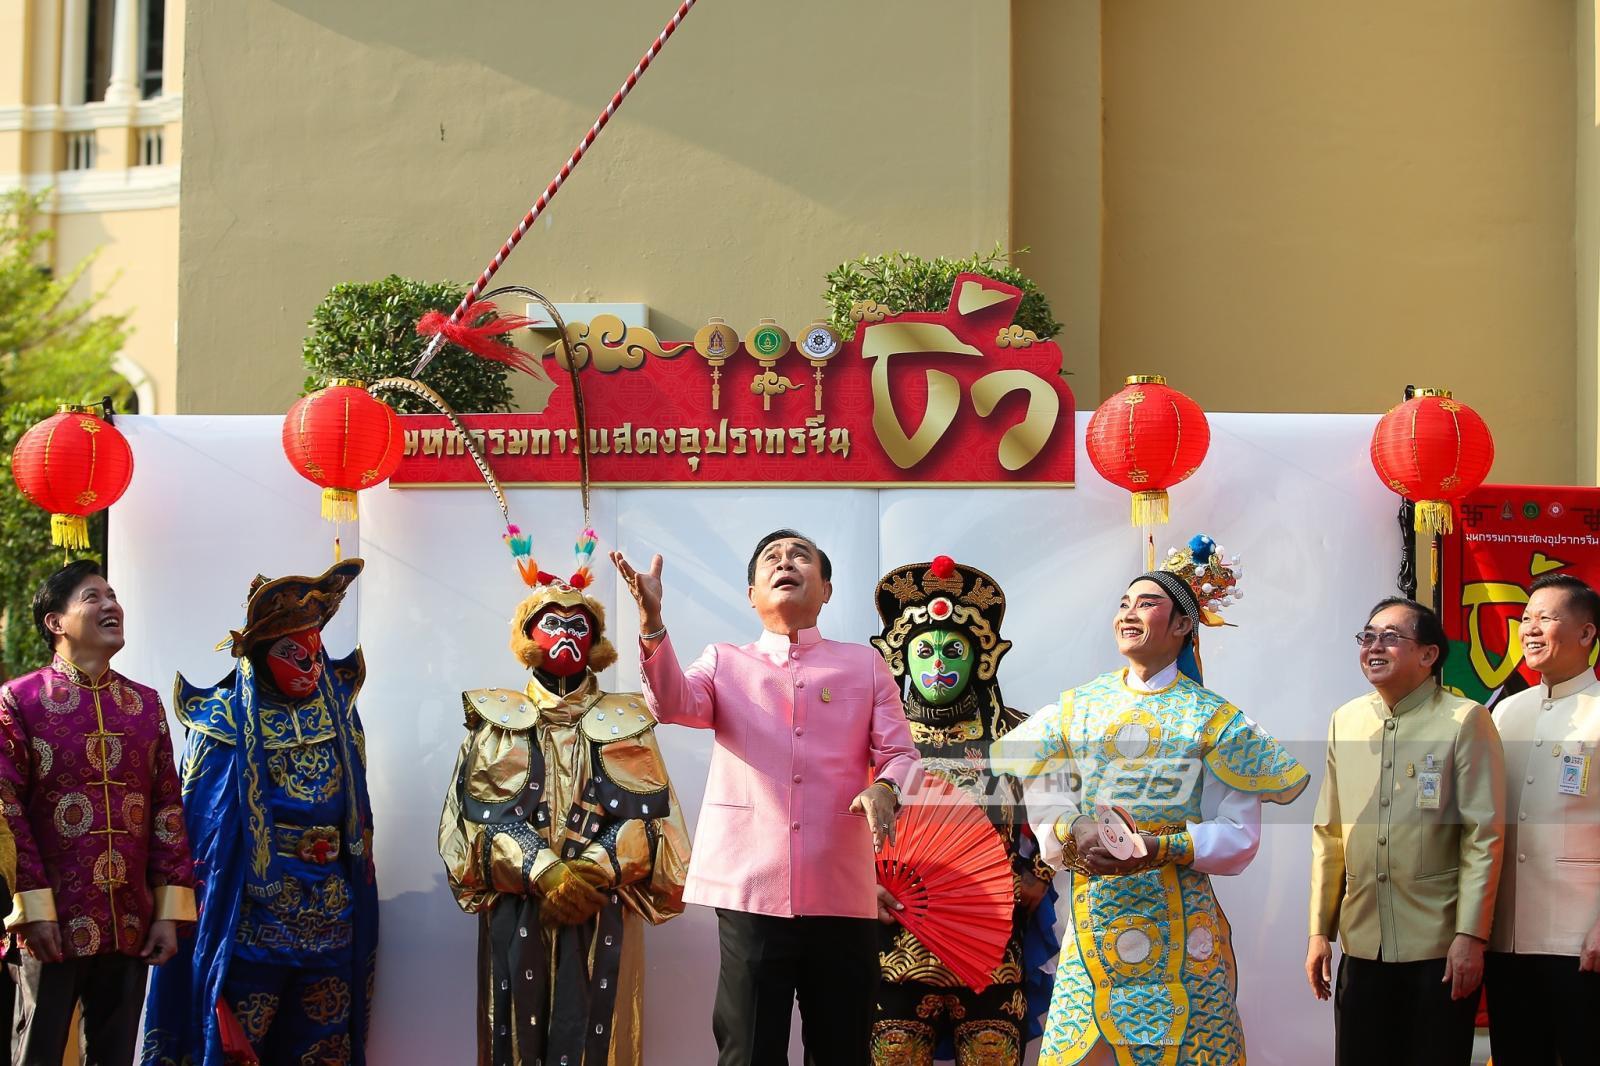 นายกฯ สวมบทเทพเจ้านาจา โยนทวนขึ้นแล้วรับ ตรุษจีน 2562